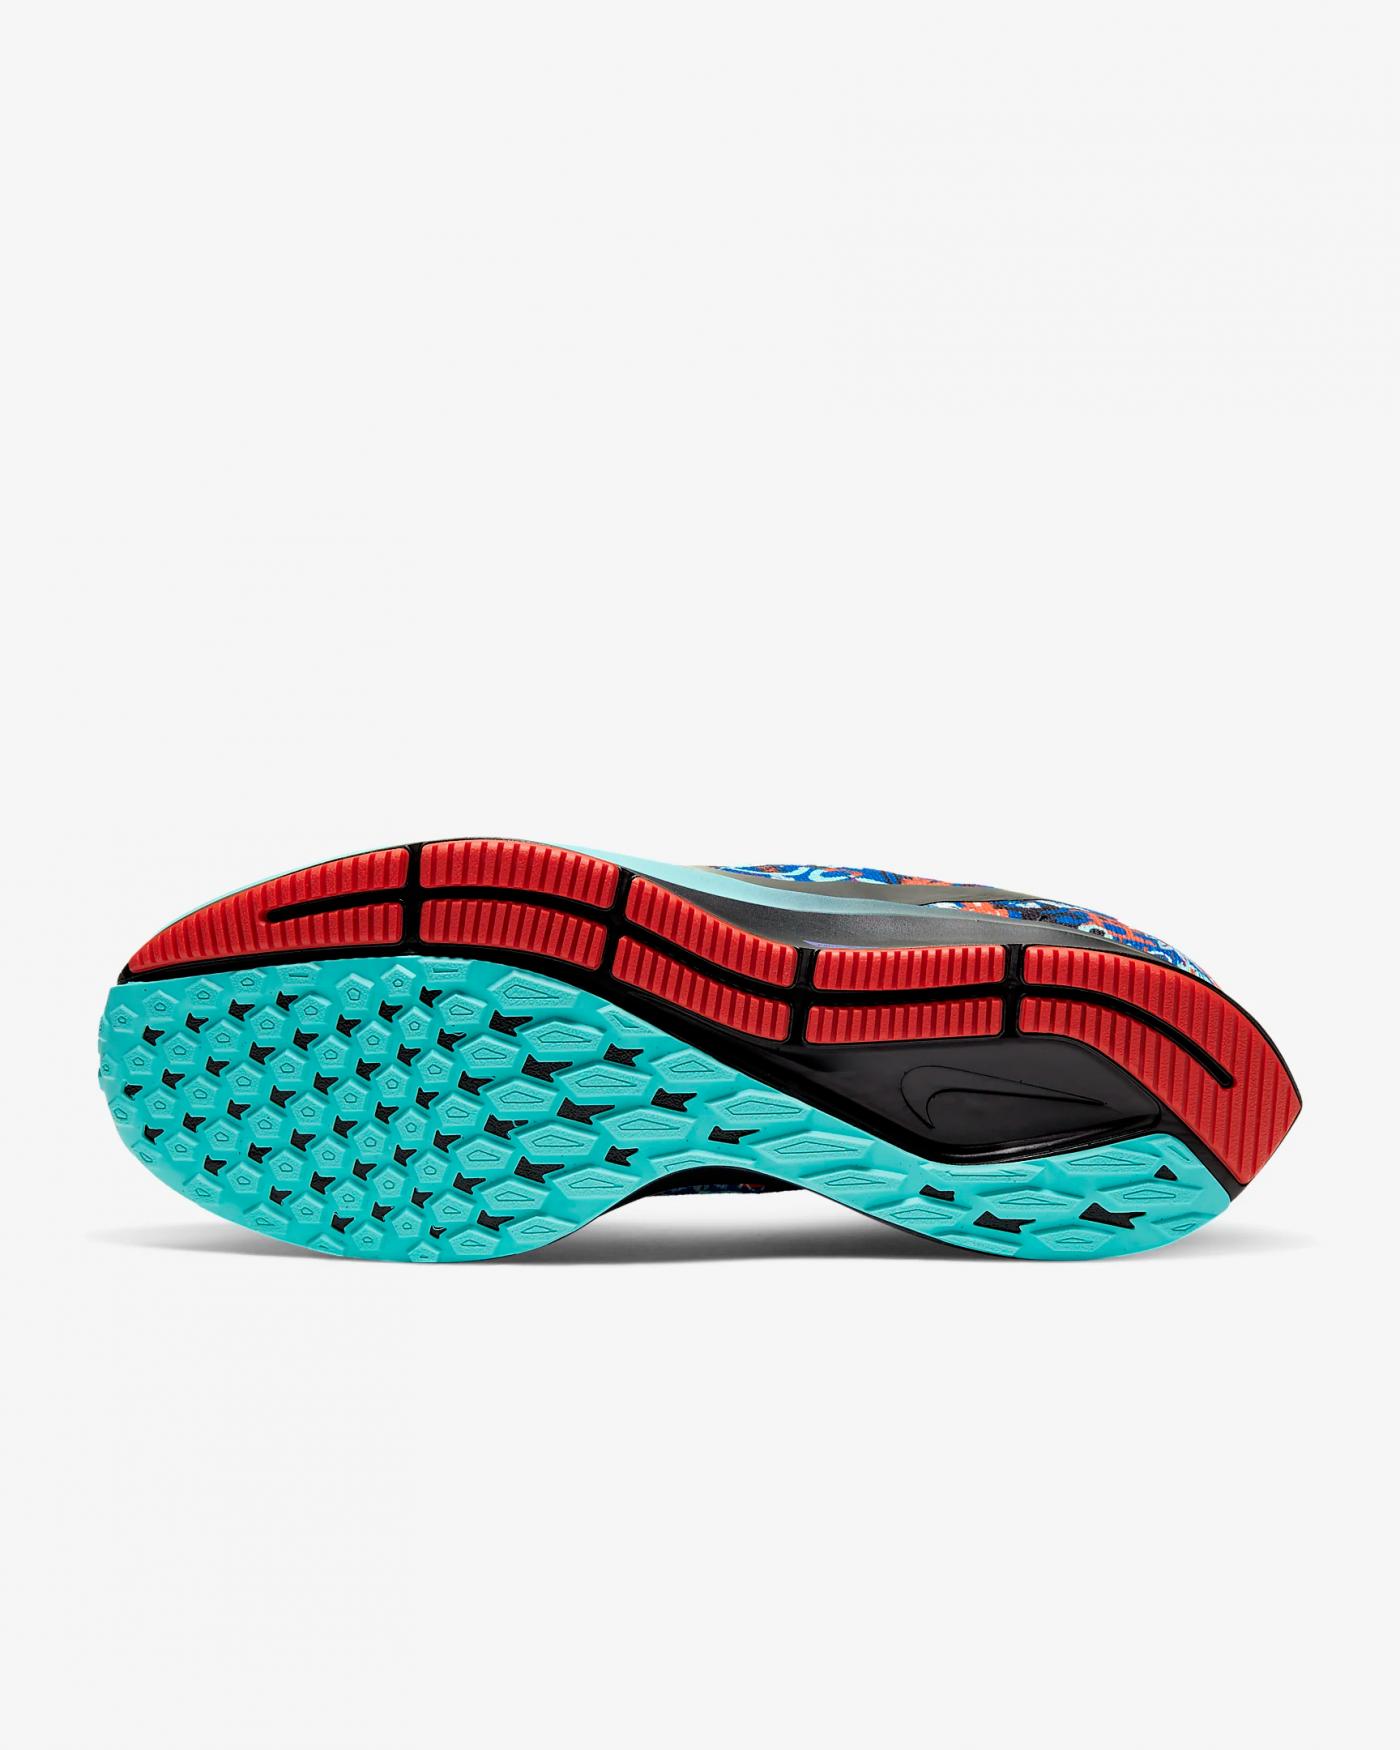 Nike_Pegasus_36_Tokyo_Pack_Runpack_2